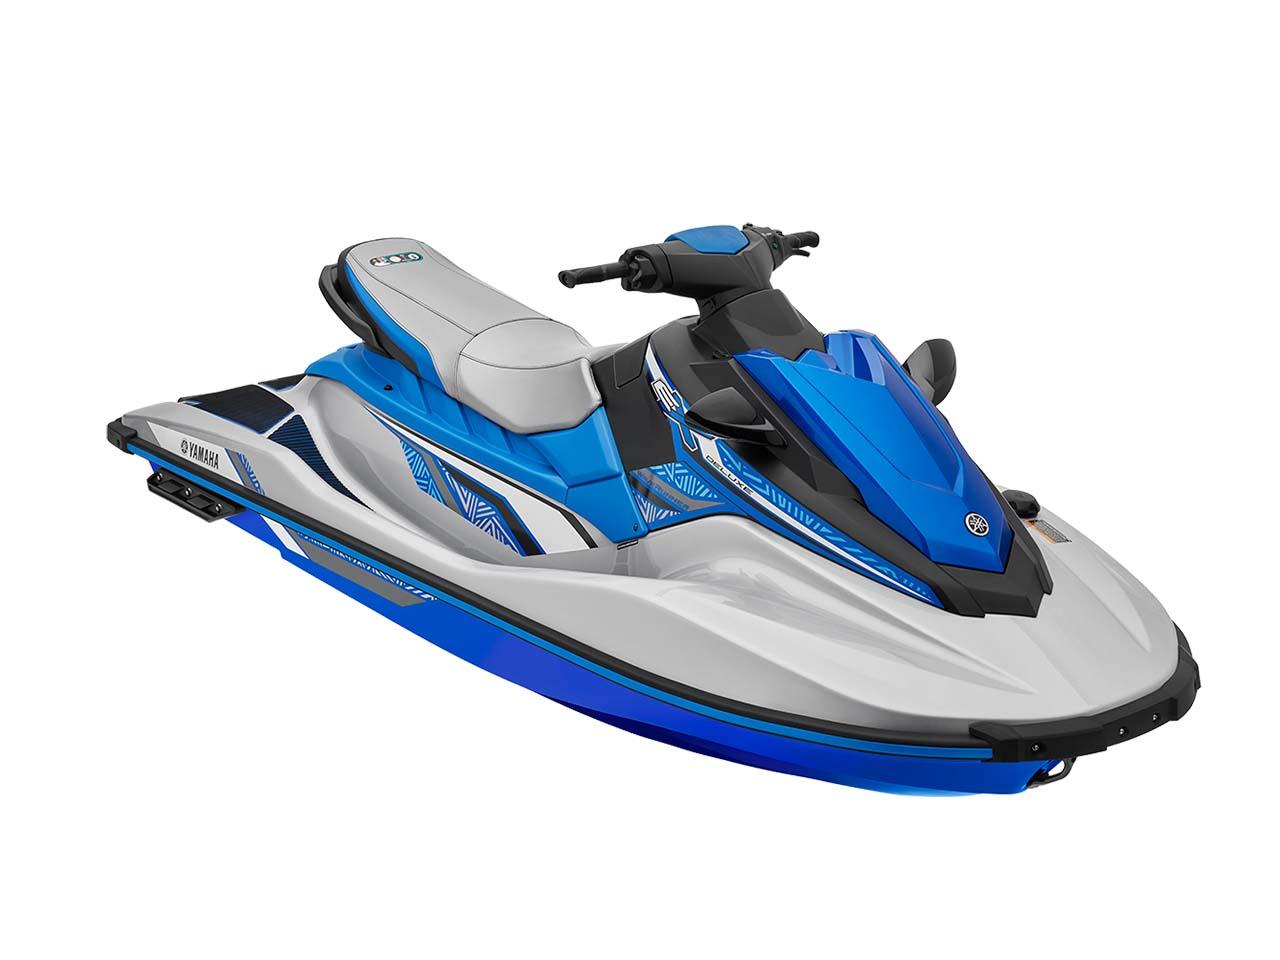 EX Deluxe yamaha - boat shopping